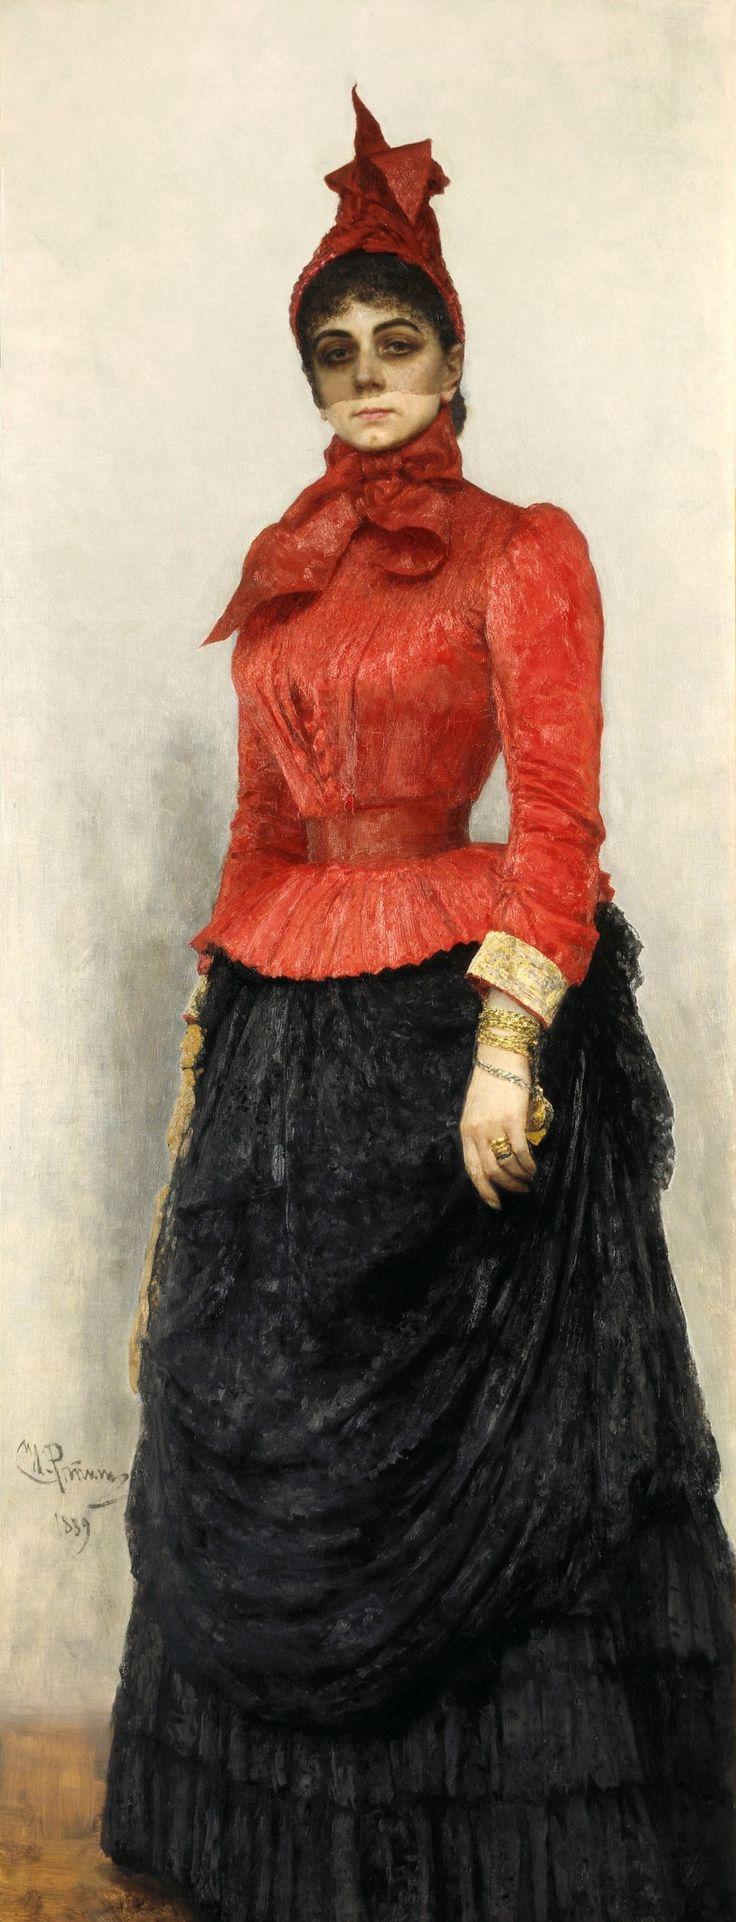 И. Репин. «Дама в красном платье» (портрет В. И. Икскуль фон Гильденбанд. 1889. ГТГ